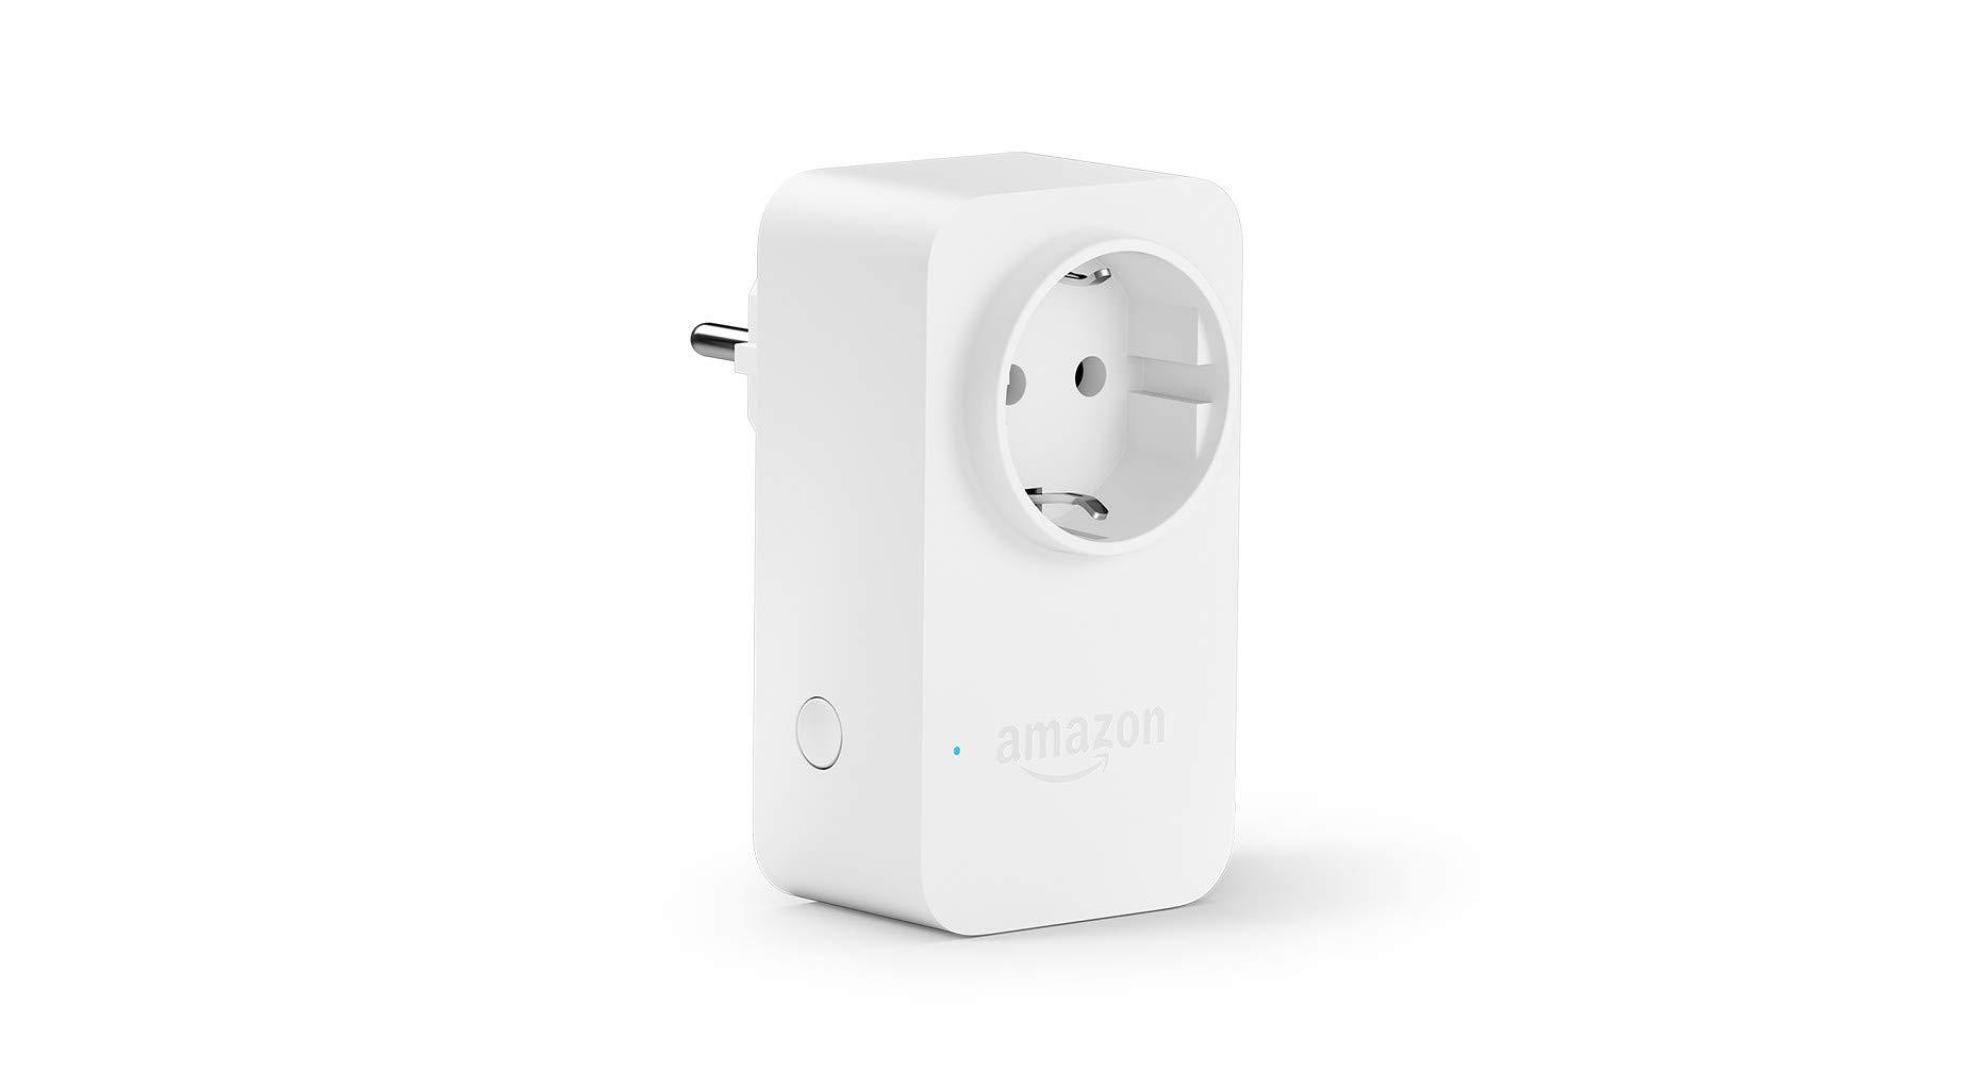 ea832e5e8e686 Pas de fioriture pour ces Amazon Smart Plug : une prise, une connexion  Wi-Fi 2,4 GHz et un bouton d'allumage. C'est tout. Volontairement simple,  elle n'a ...